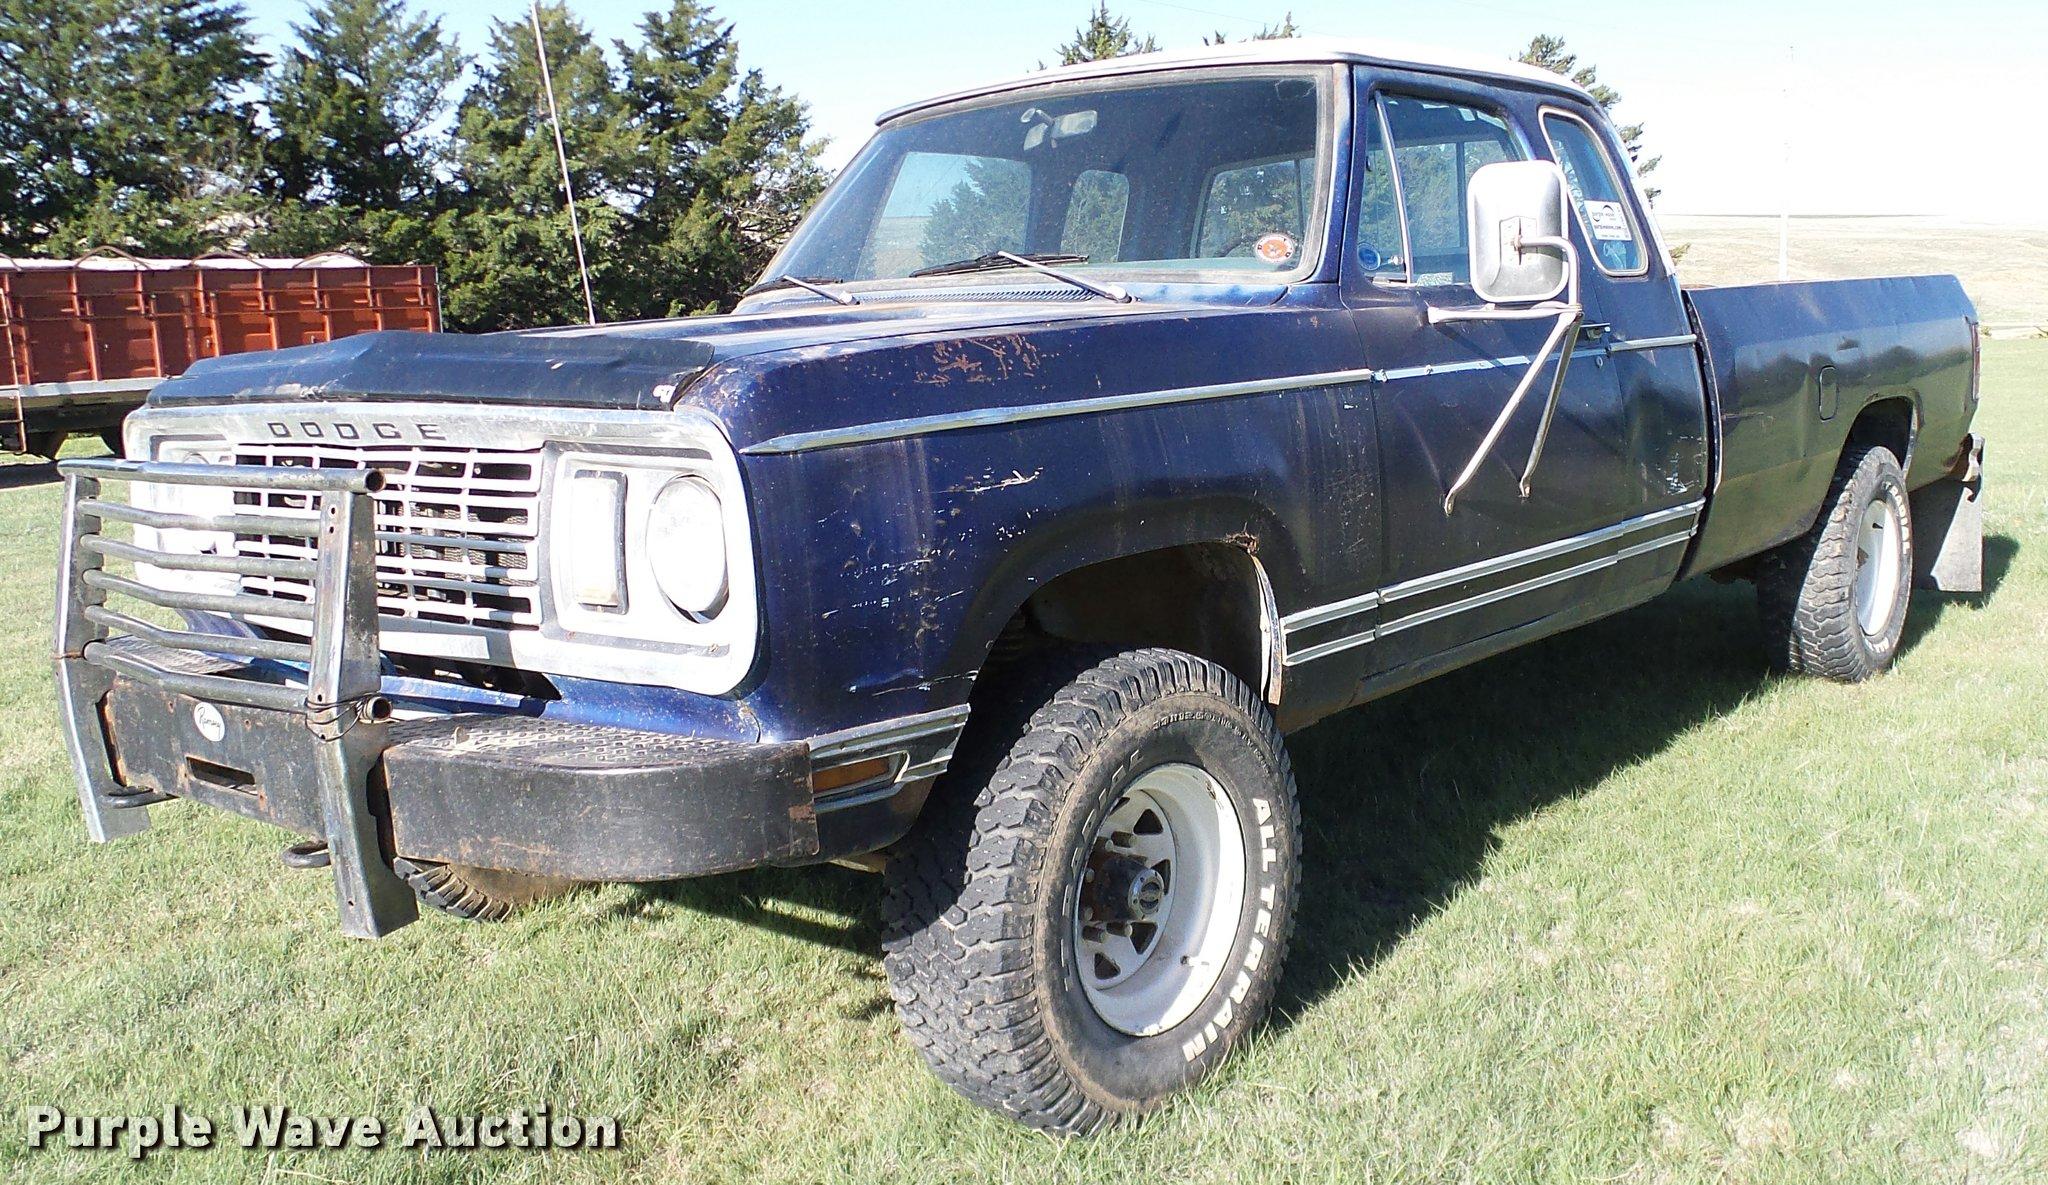 1978 Dodge Power Wagon W200 Pickup Truck Item Da6193 Sol